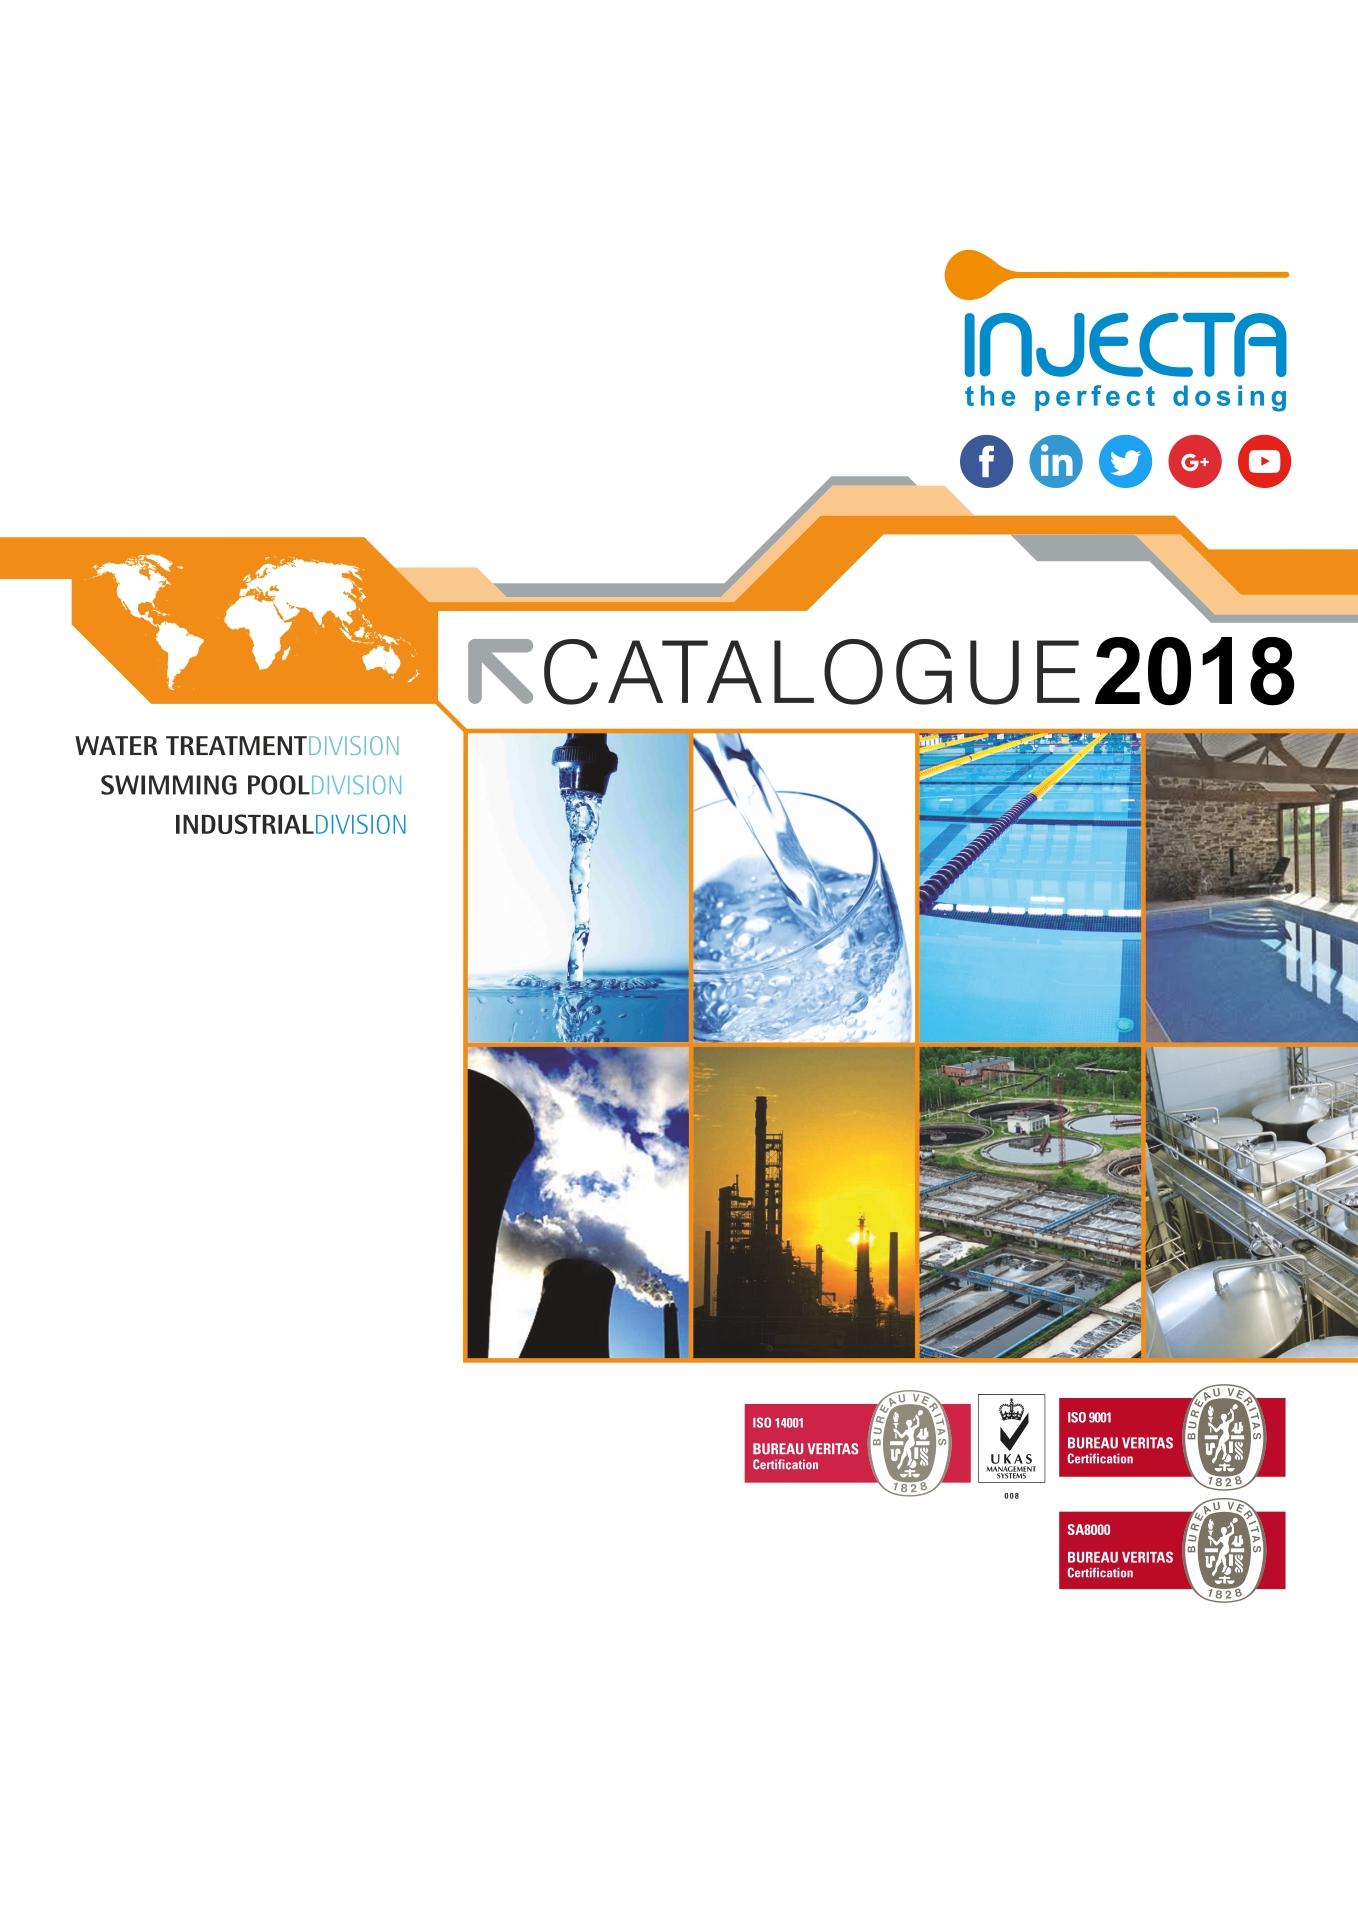 catalogo-injecta-2